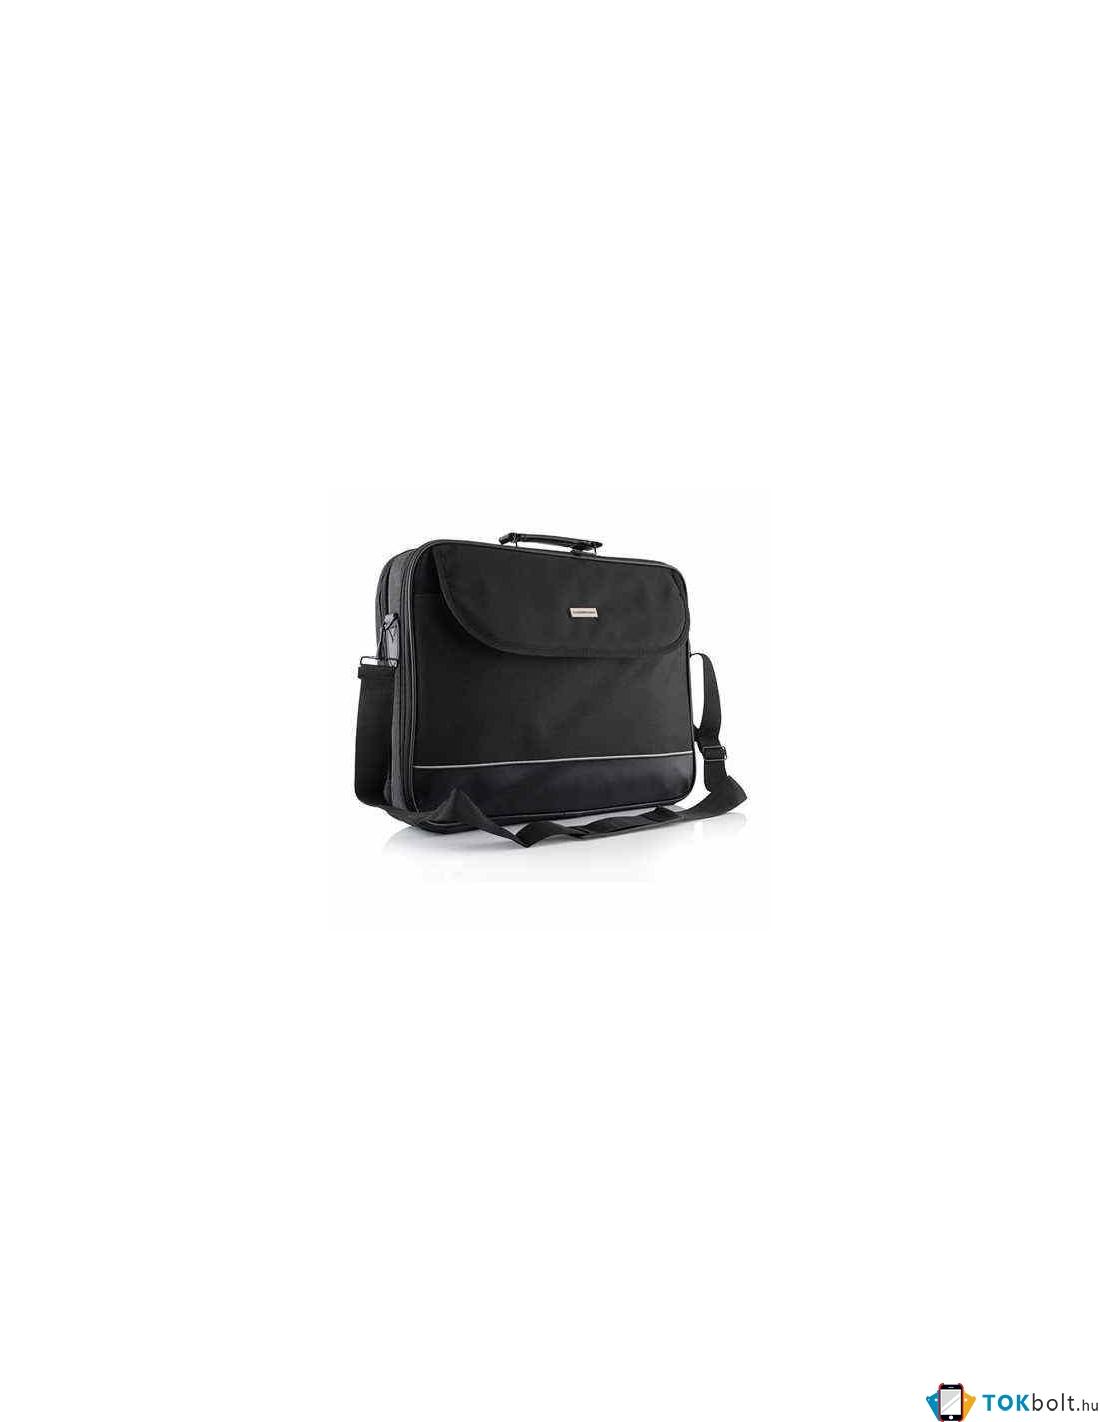 3d5e6c3e3084 Modecom MARK 2 17 notebook oldaltáska fekete